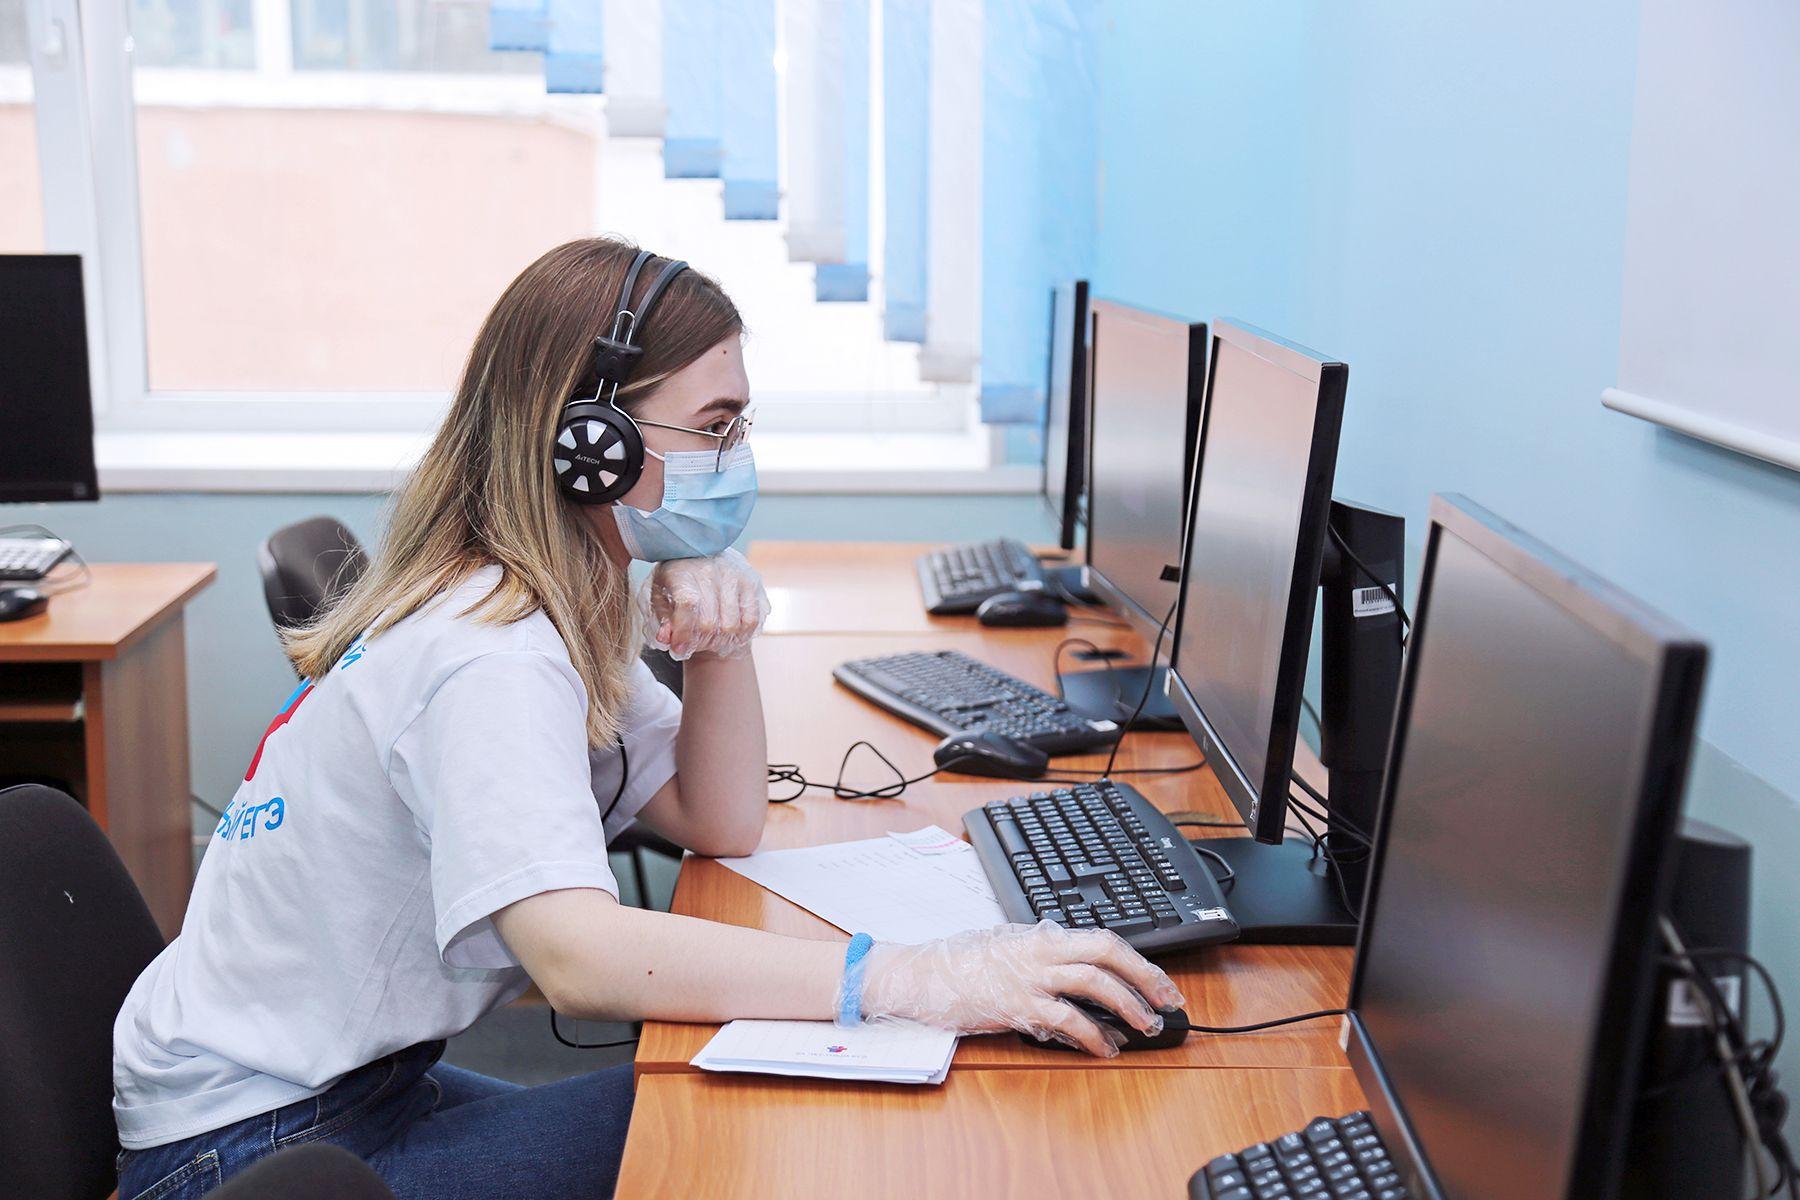 ВГУЭС расширяет границы для абитуриентов: школьники из Монголии в онлайн-формате знакомятся с Владивостоком и Приморьем